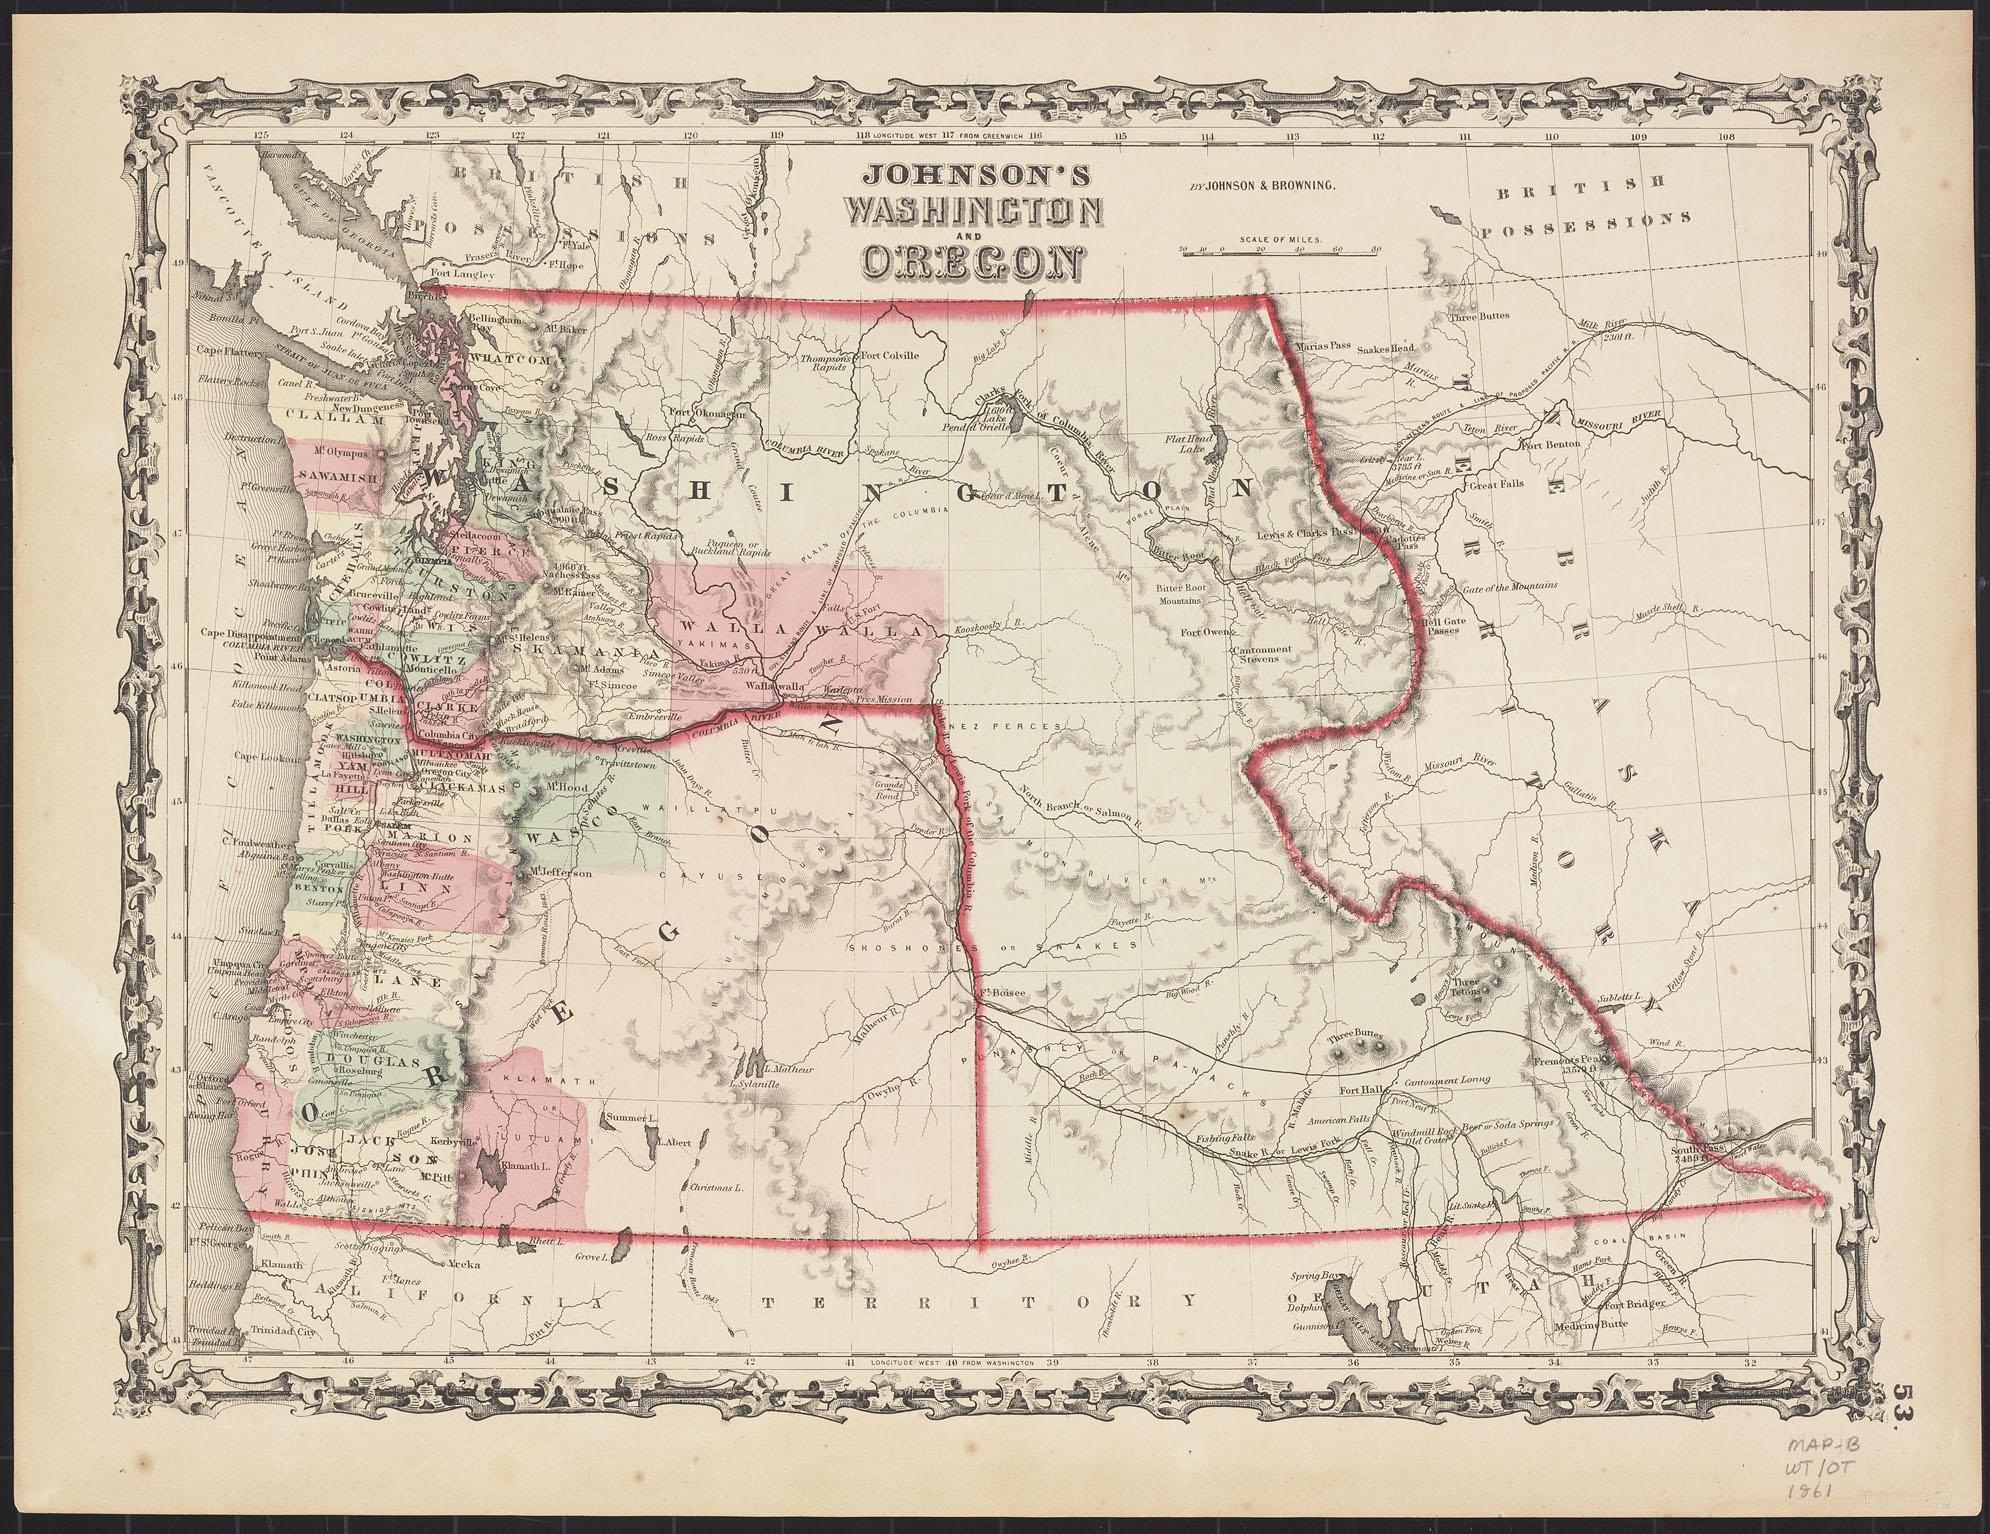 Johnson's Washington and Oregon